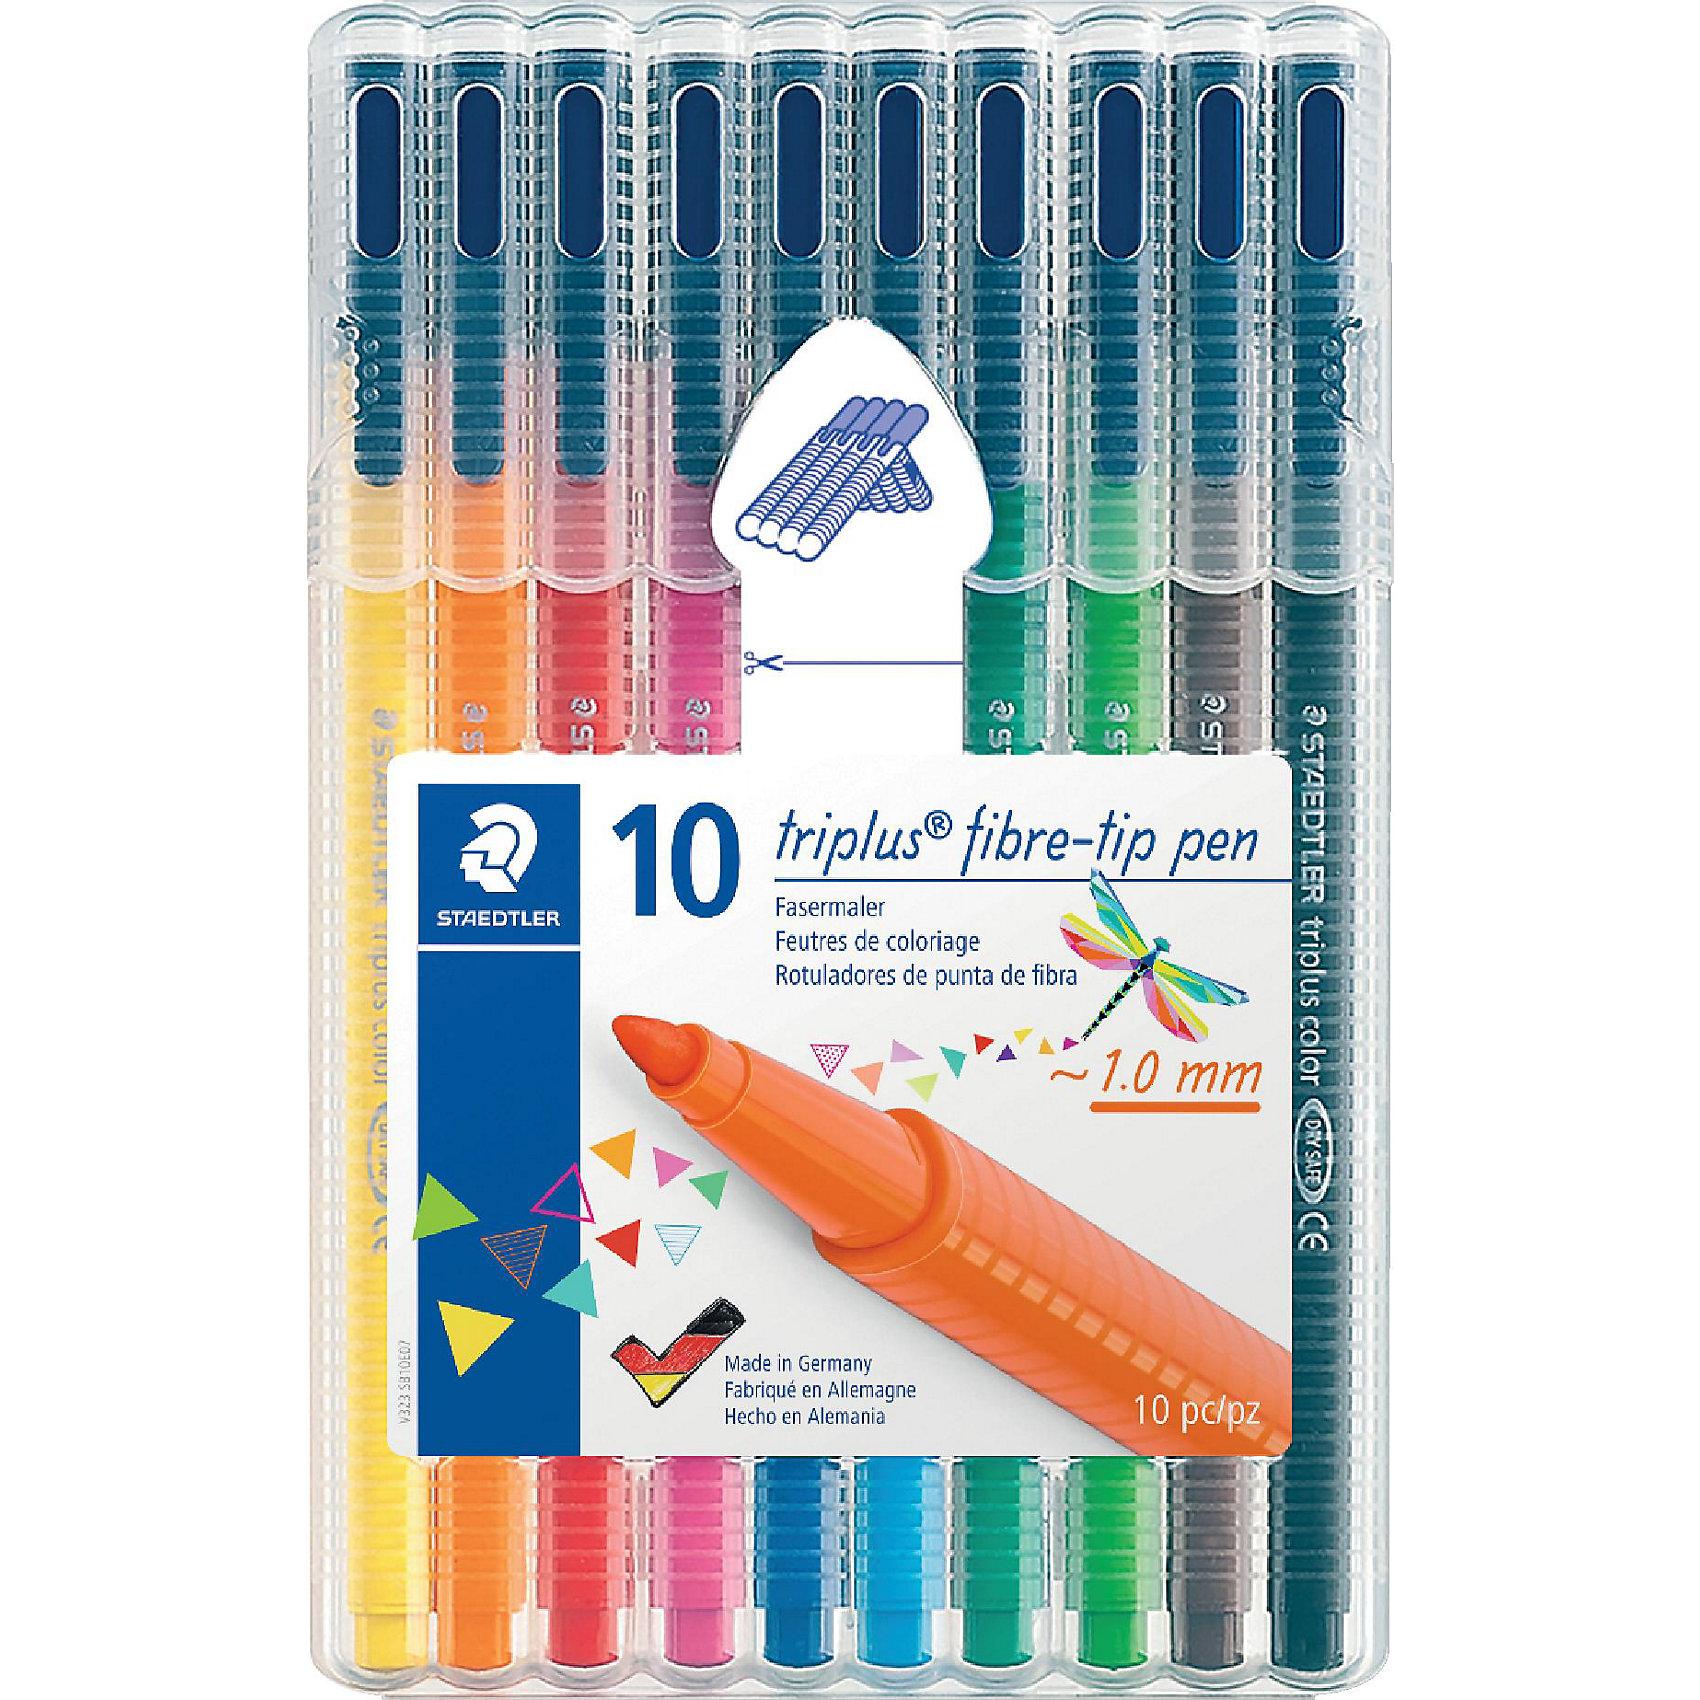 Фломастеры TriplusСolor, 10 цв.Фломастеры Triplus color, набор в пластиковой  коробке-подставке, 10 цветов. Эргонамичный трехгранный корпус для легкого и удобного письма и рисования. Прочный, устойчивый к нажиму пишущий узел. Защита от высыхания - может быть оставлен без колпачка на несколько дней. Вентилируемый колпачок. Чернила на водной основе. Остирывается с большинства поверхностей. Толщина линии прибл. 1,00 мм.<br><br>Ширина мм: 169<br>Глубина мм: 106<br>Высота мм: 17<br>Вес г: 137<br>Возраст от месяцев: 60<br>Возраст до месяцев: 1200<br>Пол: Унисекс<br>Возраст: Детский<br>SKU: 2031255